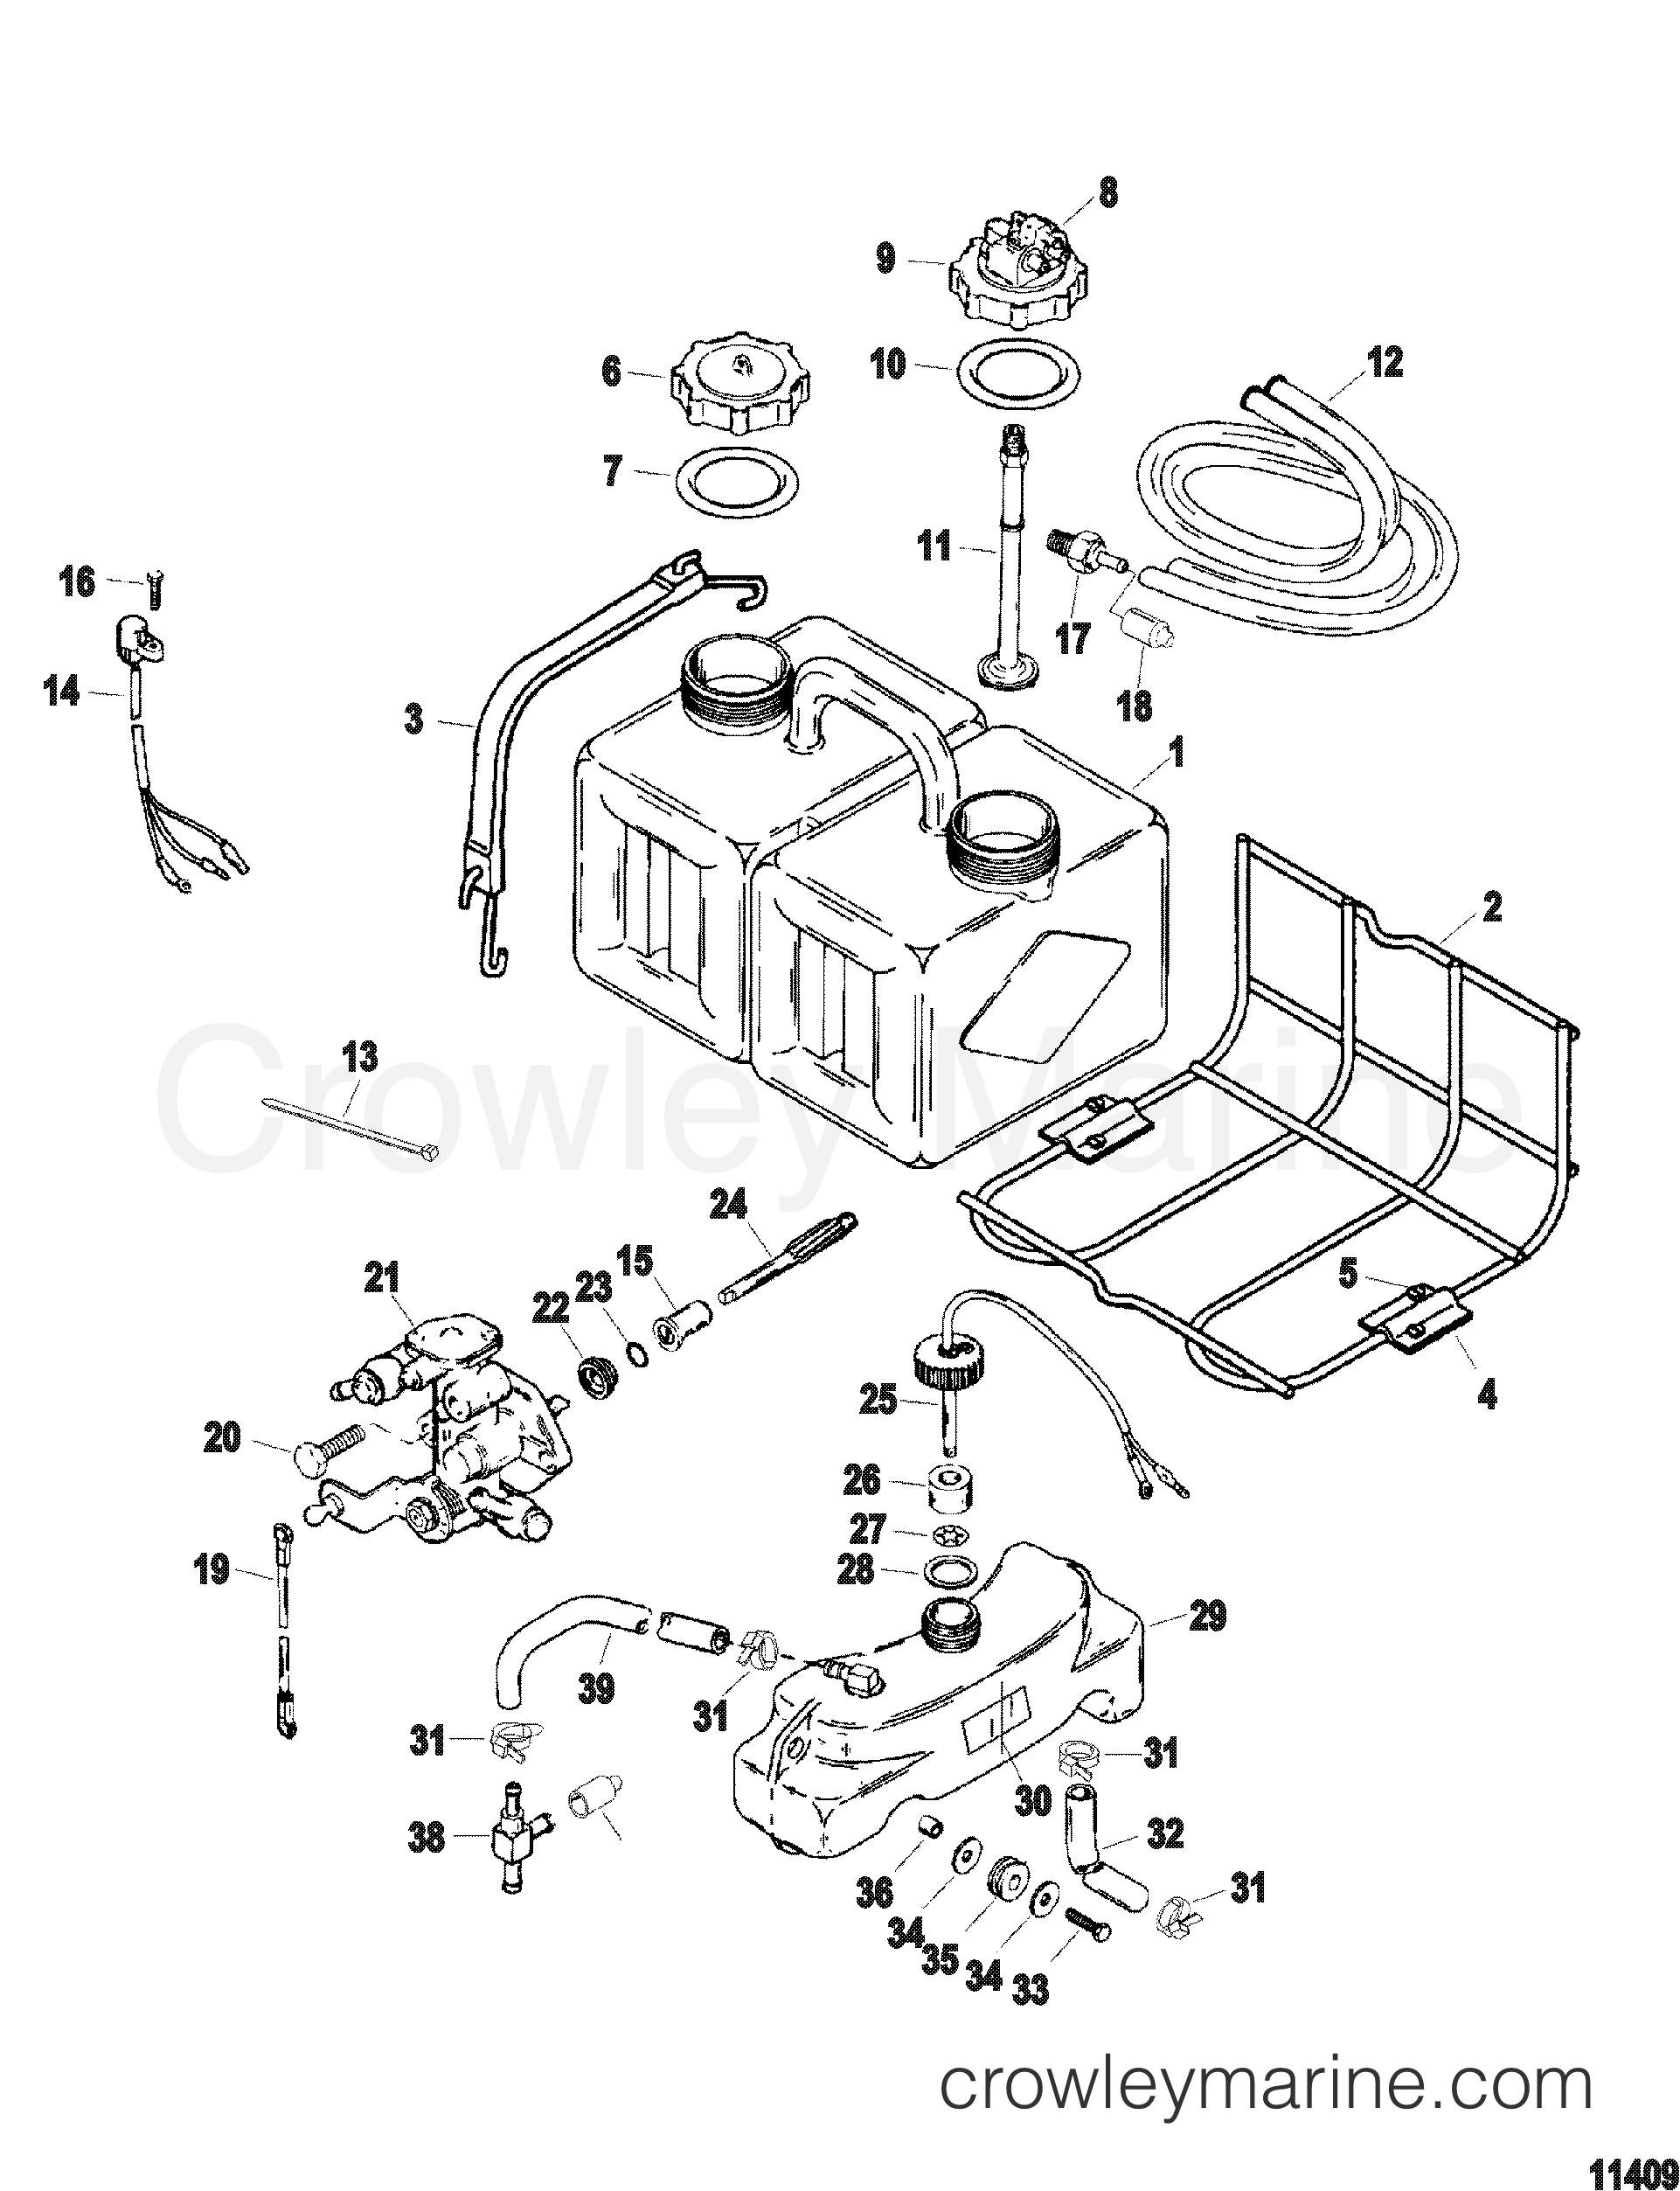 OIL INJECTION COMPONENTS - 1997 SportJet 175 [XR2] 1175J01TD